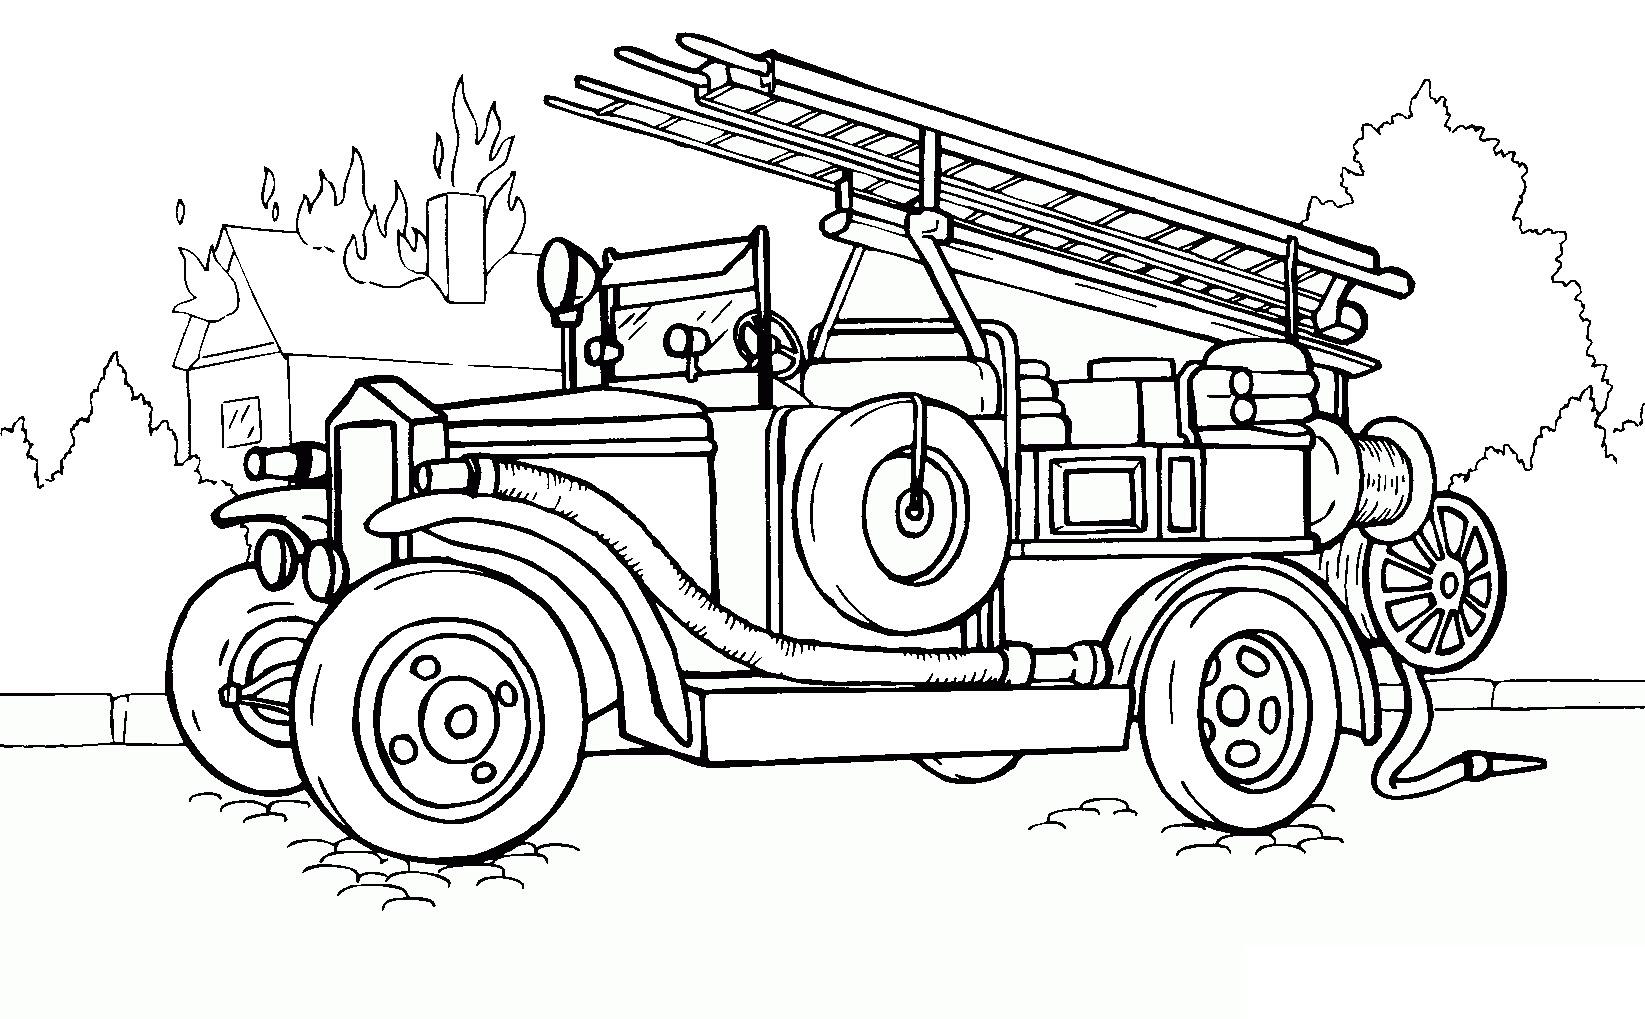 Tranh tô màu xe chữa cháy